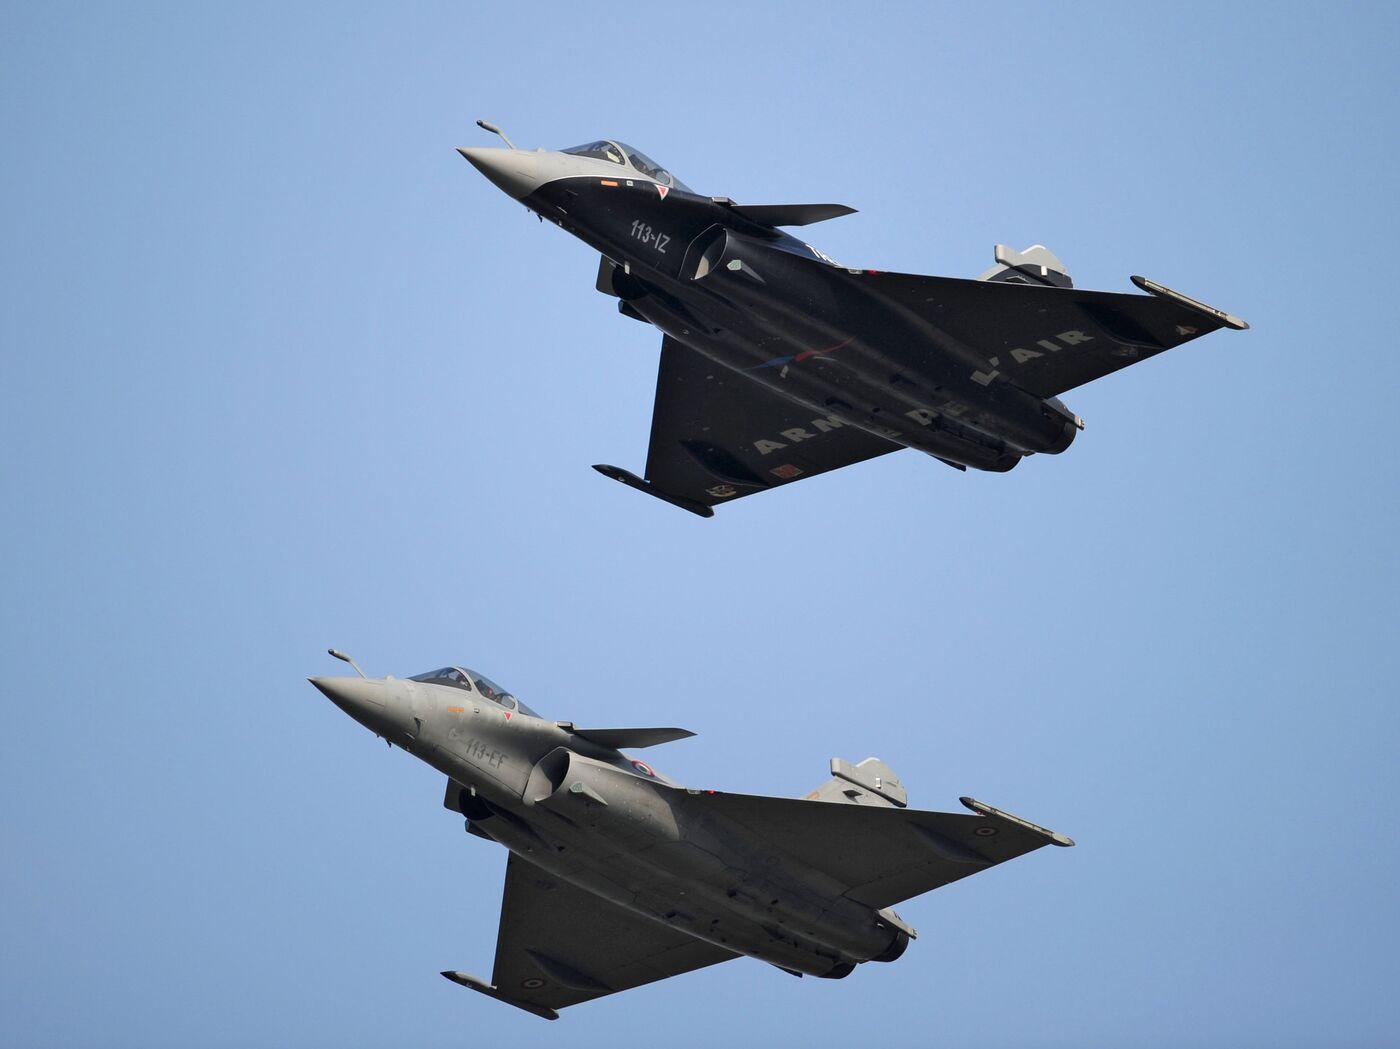 Обои dassault rafale, «рафаль», истребитель, многоцелевой. Авиация foto 15